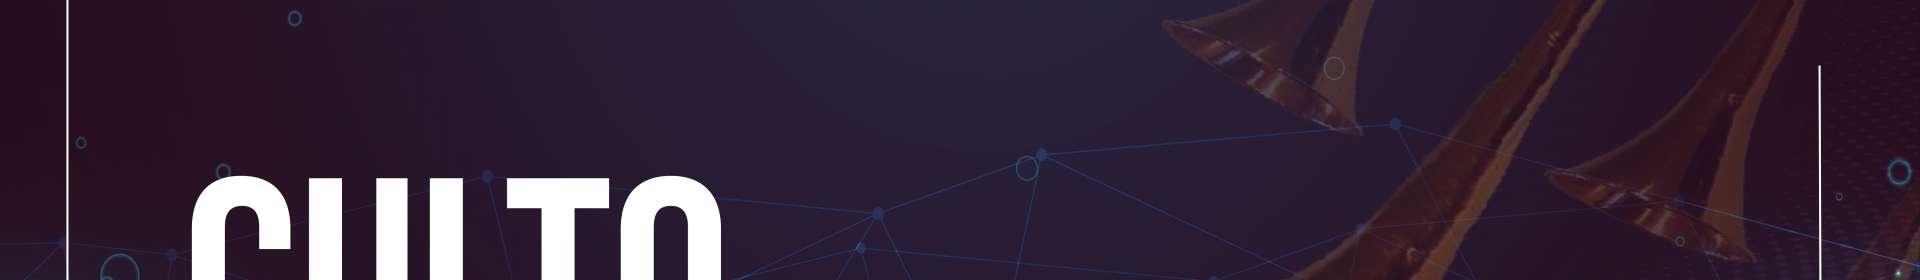 Culto via satélite exibido em 15/12/2019